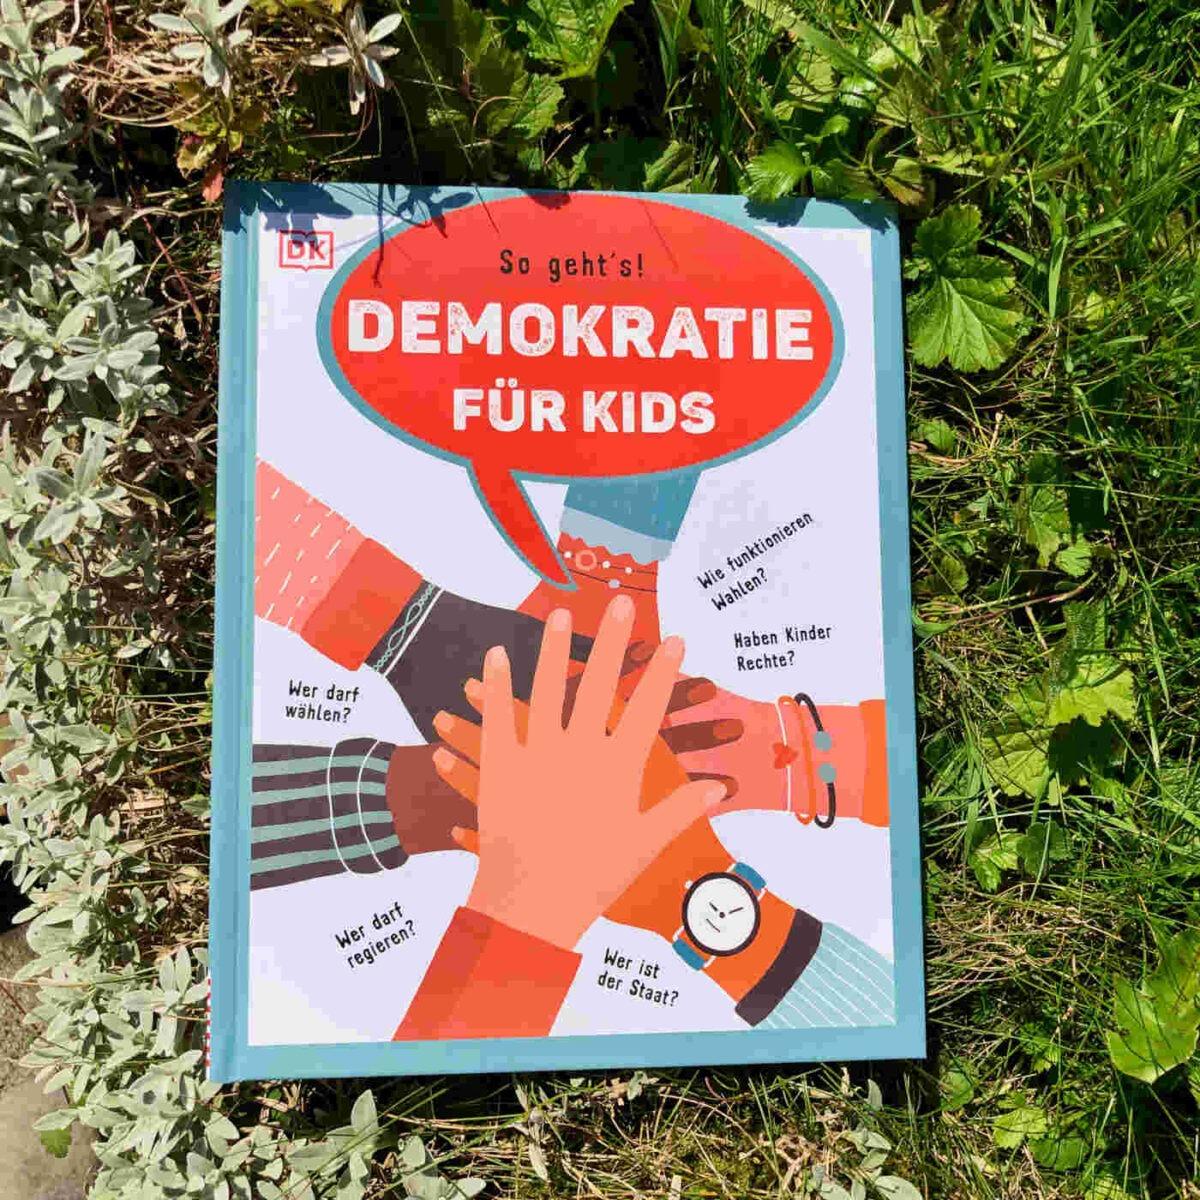 So geht's! Demokratie für Kids